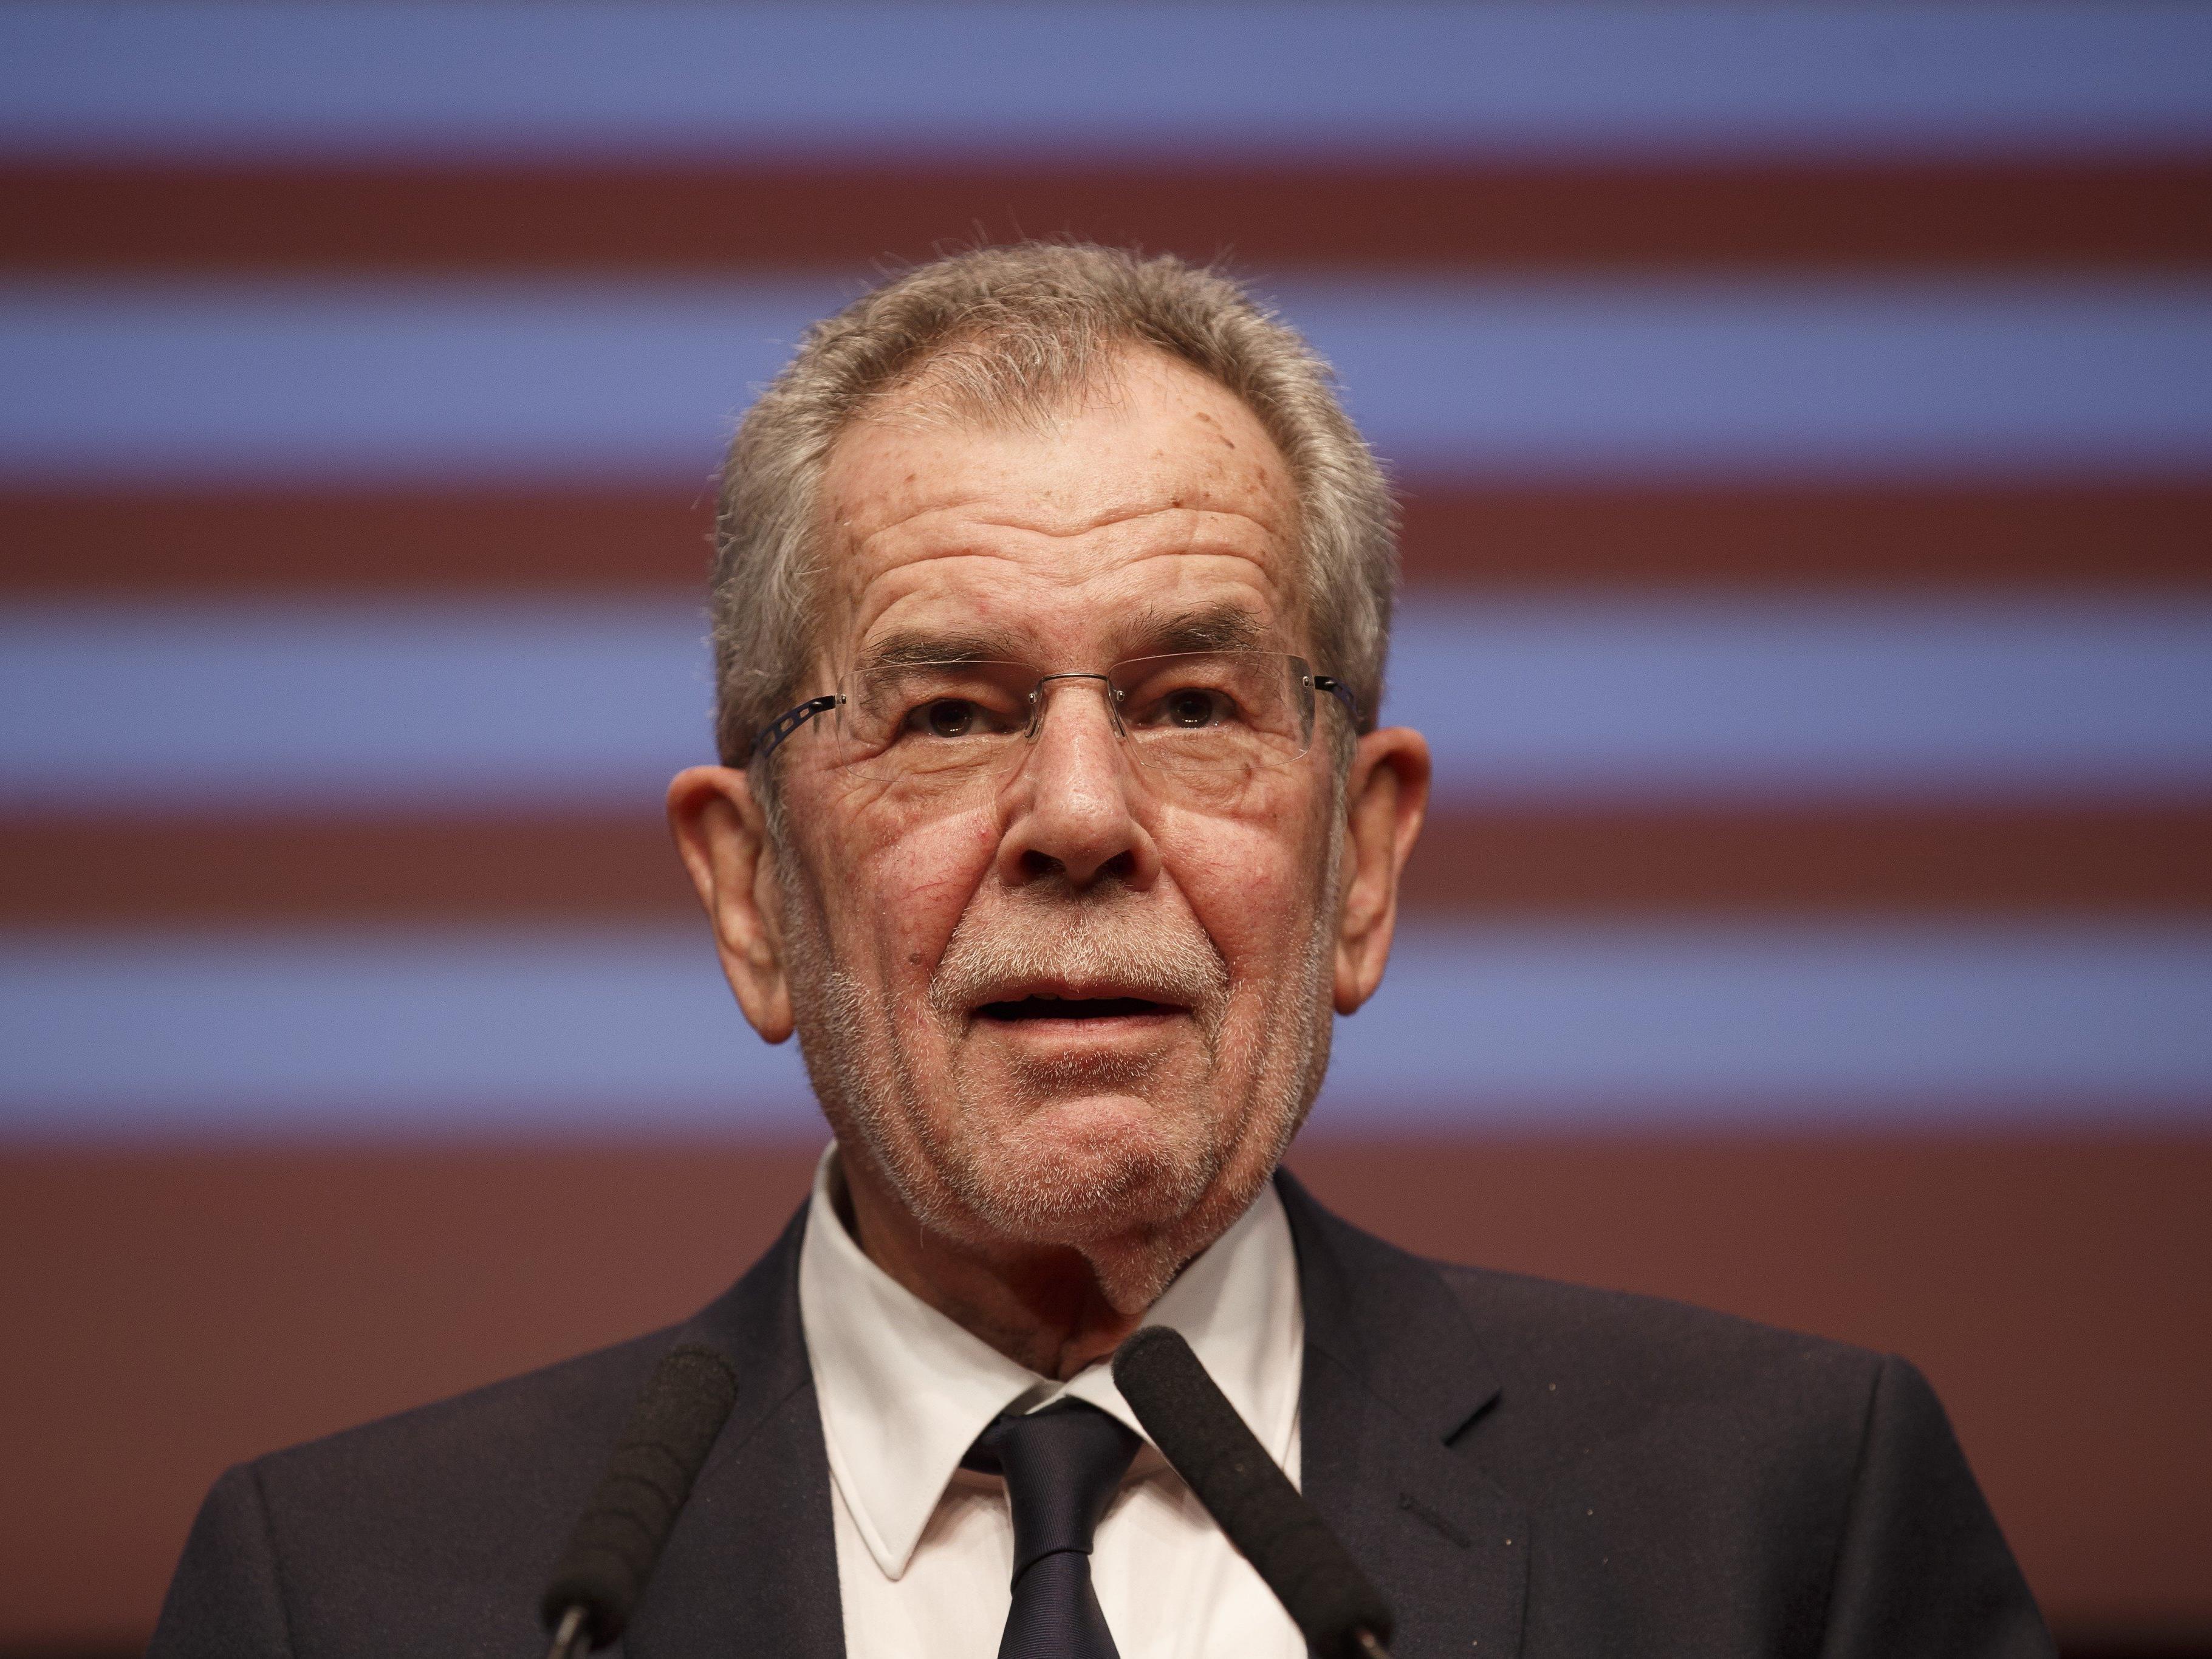 Bundespräsident Alexander Van der Bellen sorgt mit einer umstrittenen Kopftuch-Aussage für Aufsehen.